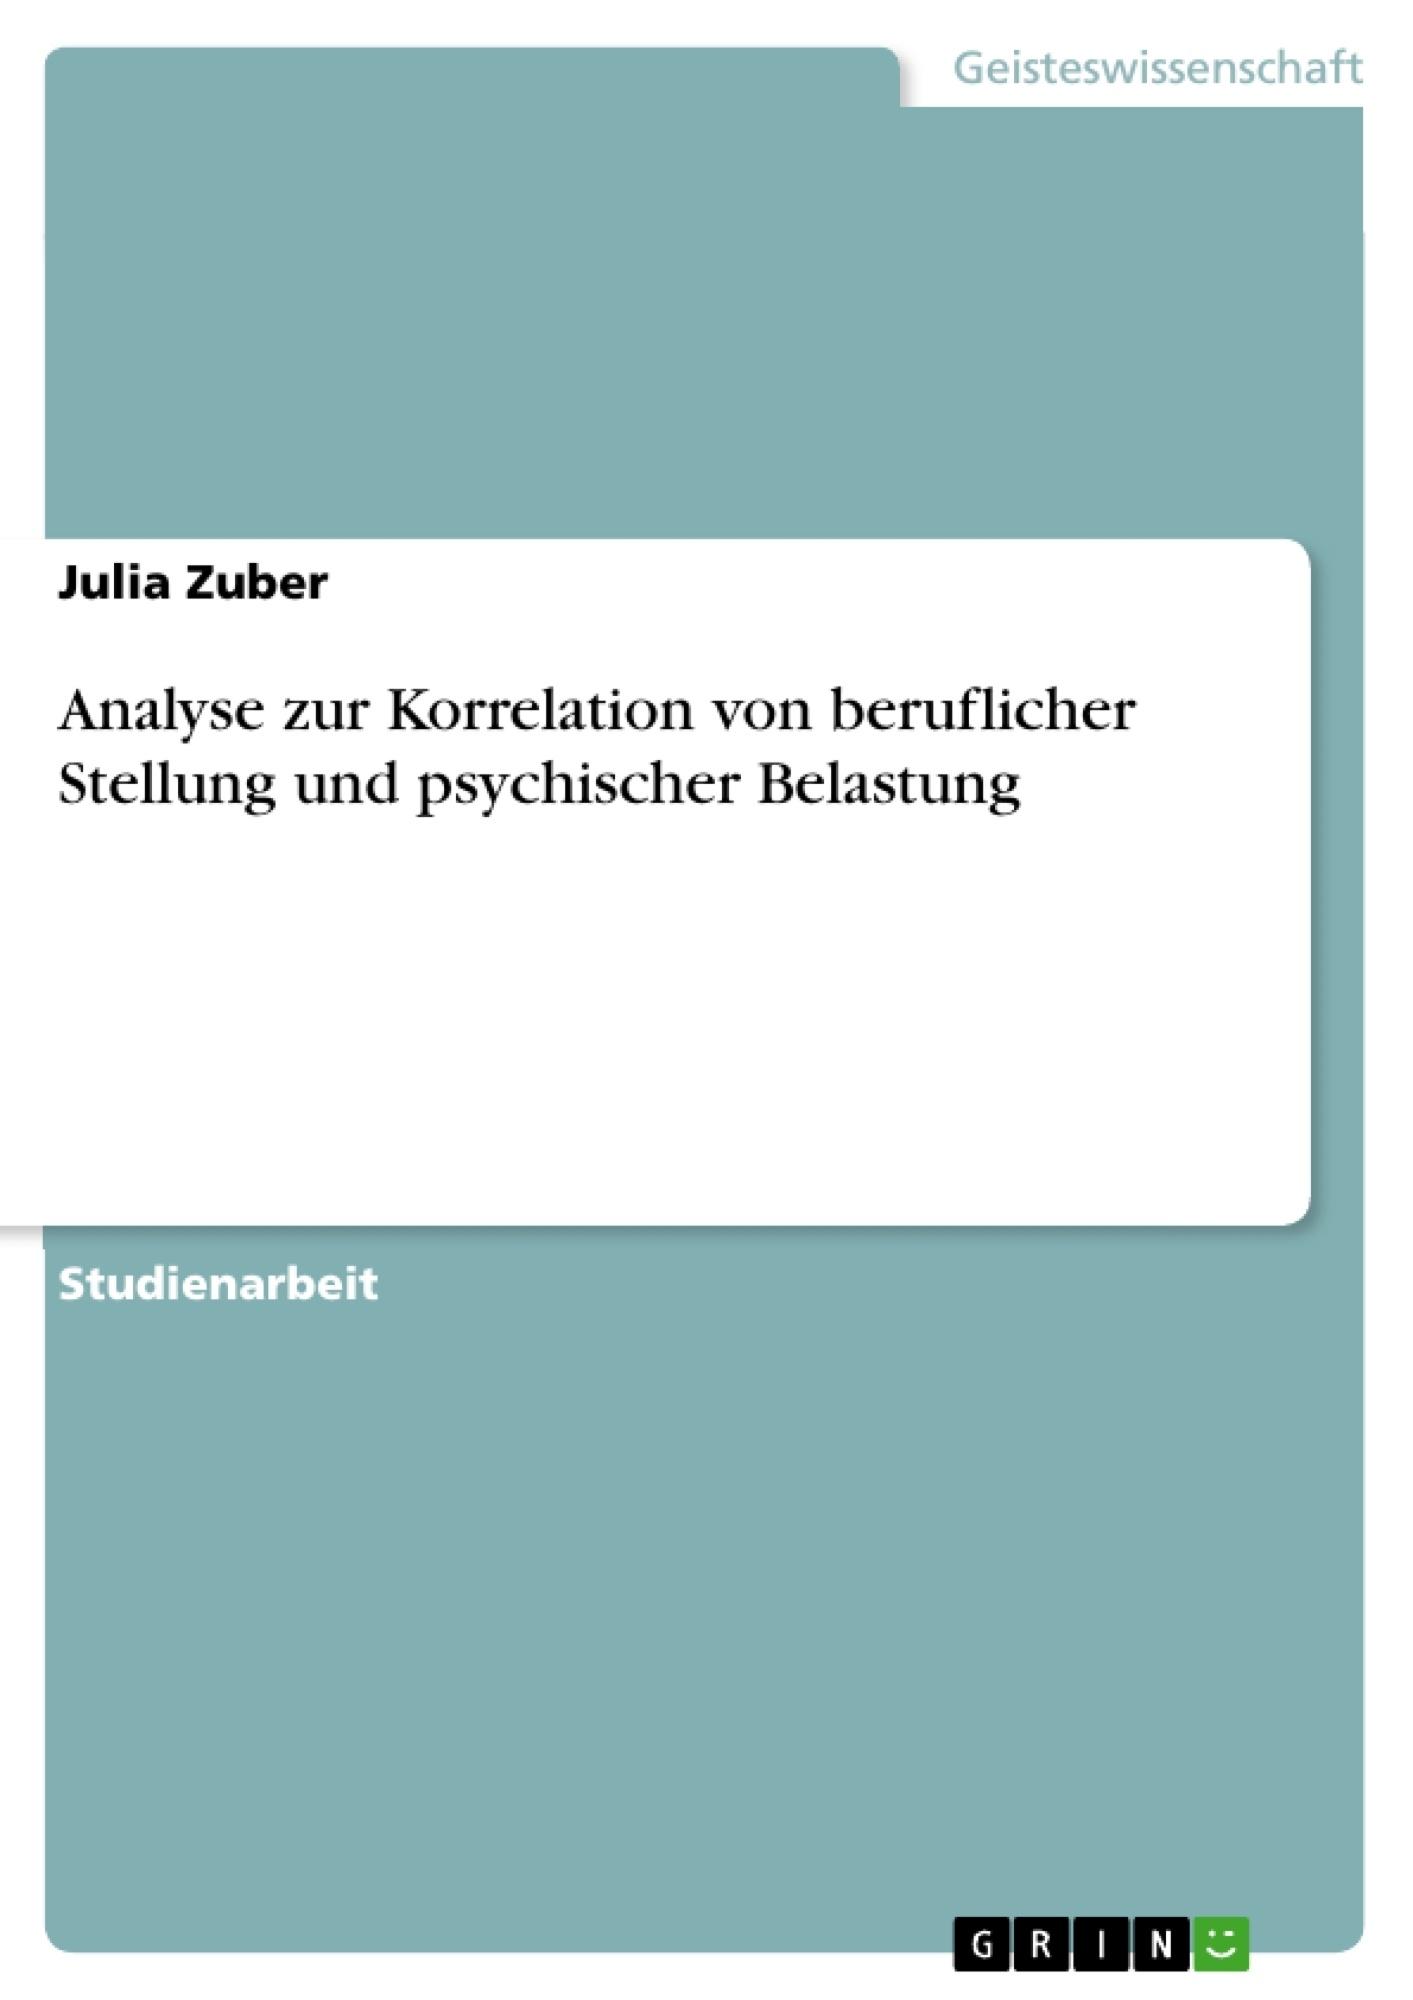 Titel: Analyse zur Korrelation von beruflicher Stellung und psychischer Belastung